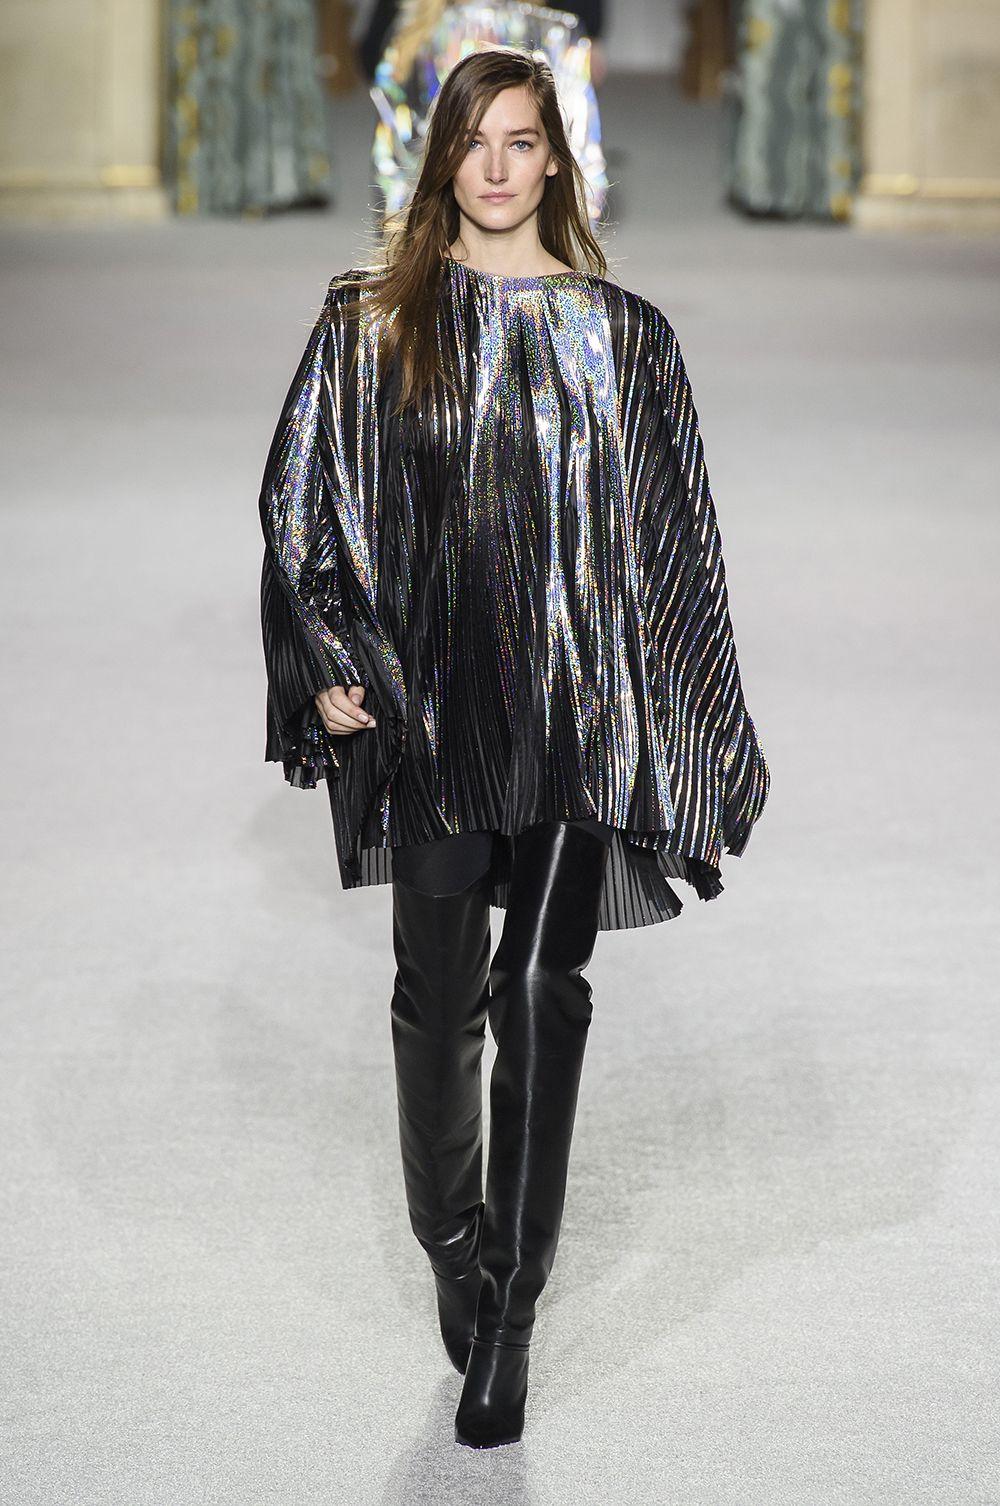 moda 2018 Giacche 30 autunno inverno modelli di tendenza 2019 BPRg4